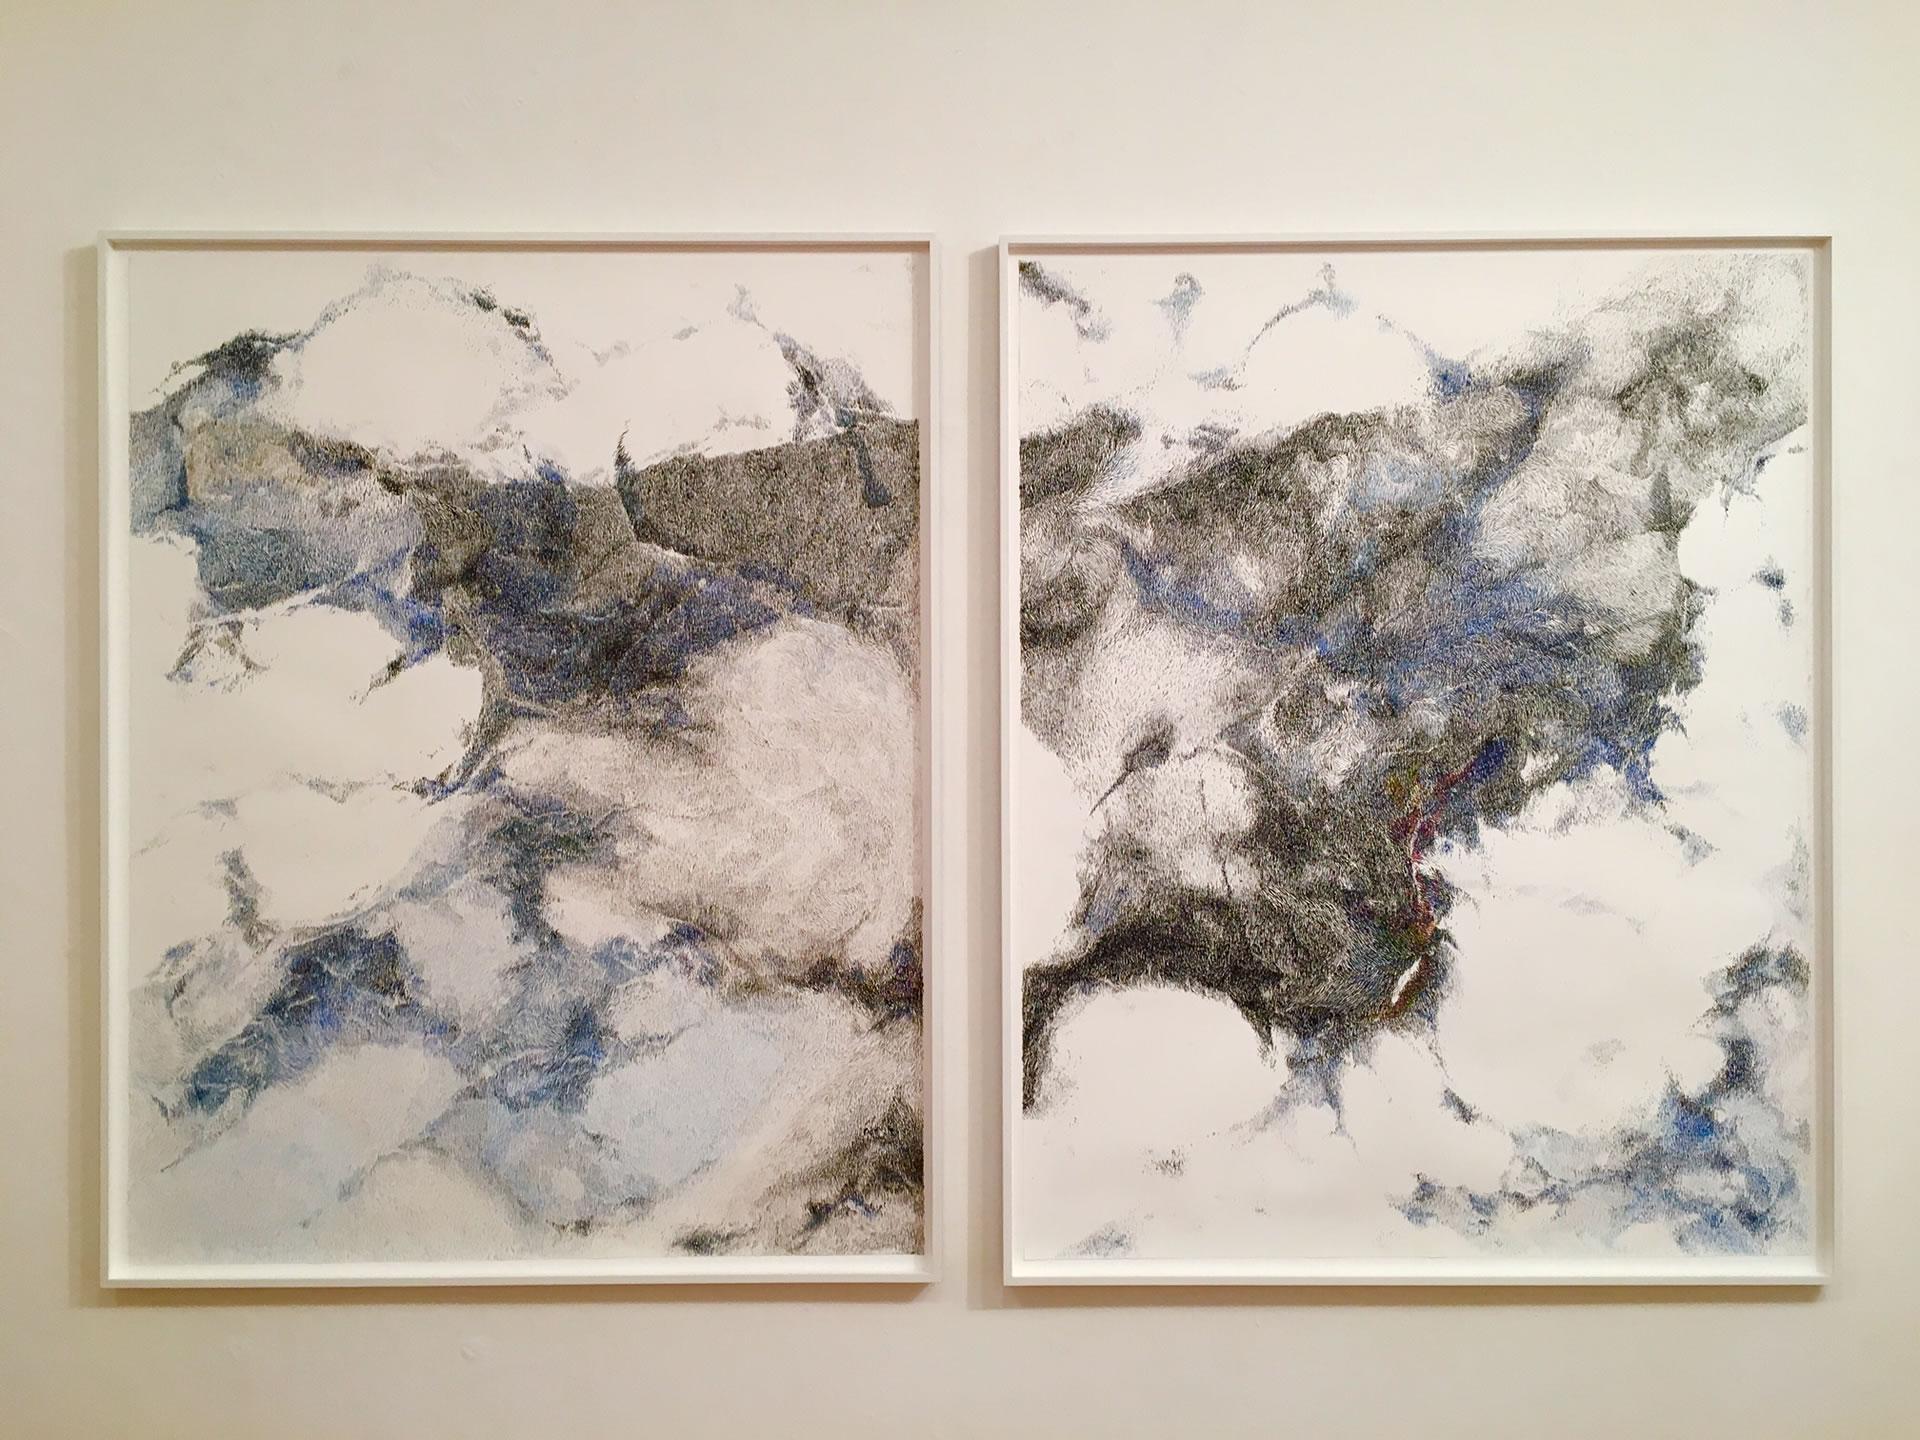 Galerie3 | Kopfkino | 02 | Linda Berger